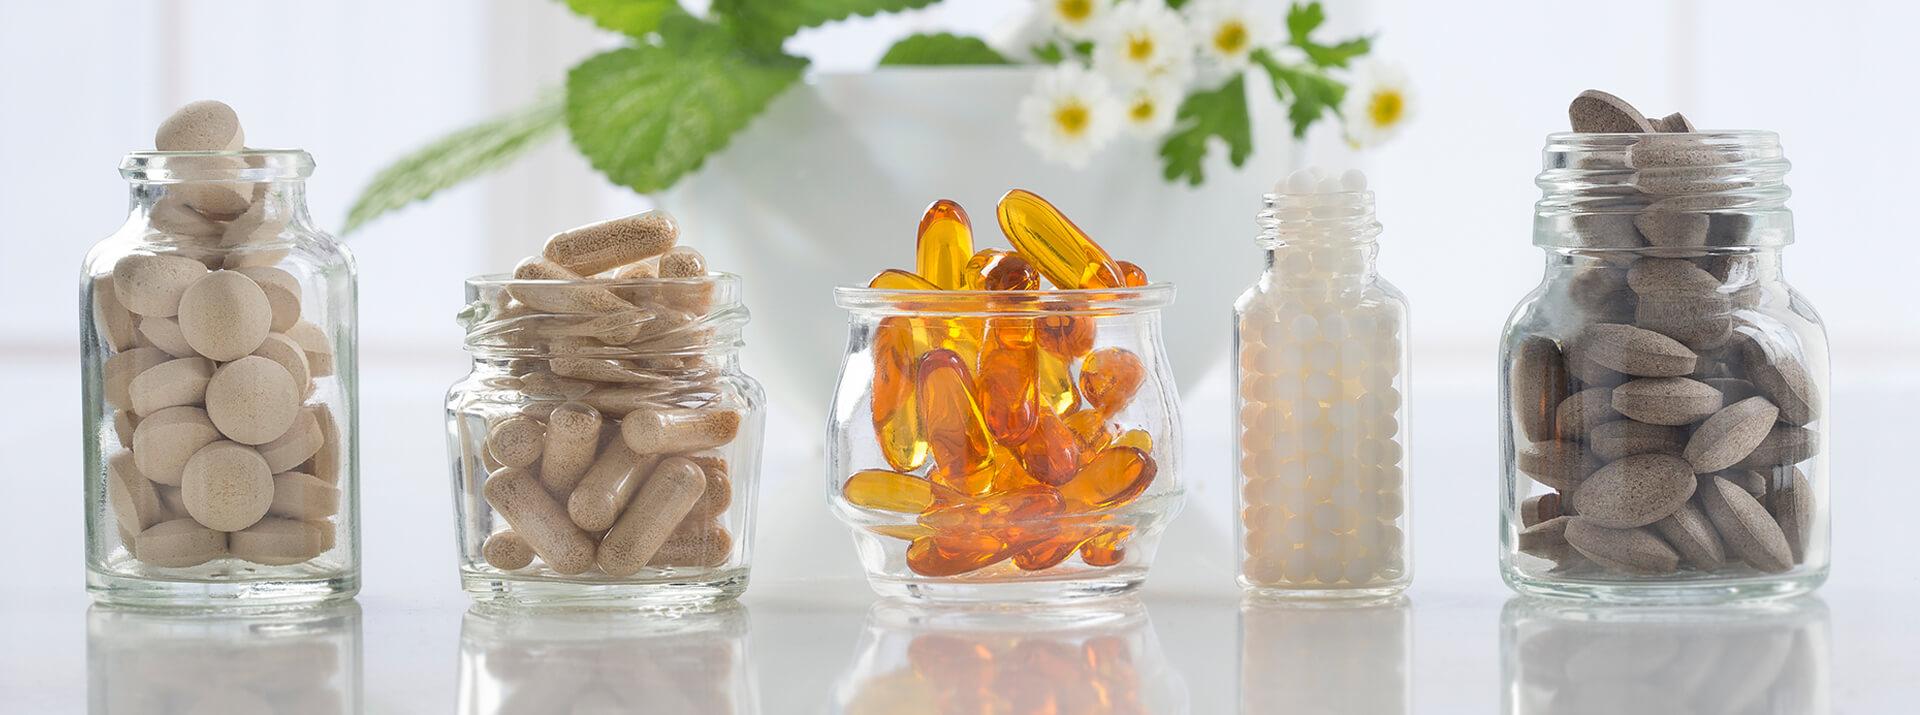 Bioextra - törődünk az egészséggel